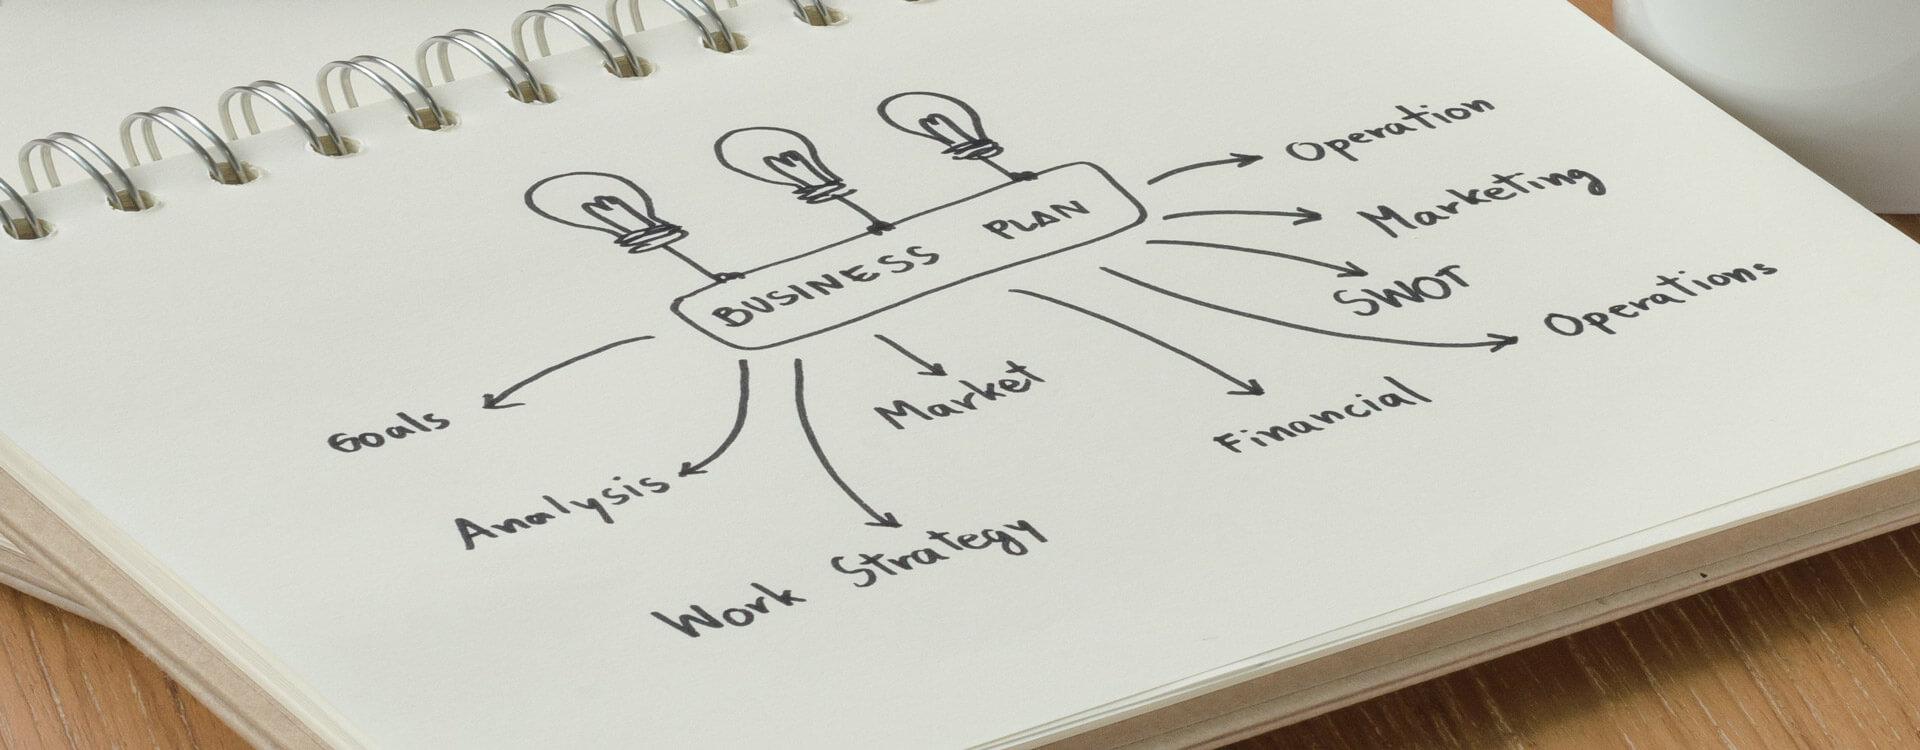 کسبوکار اینترنتی - بازاریابی